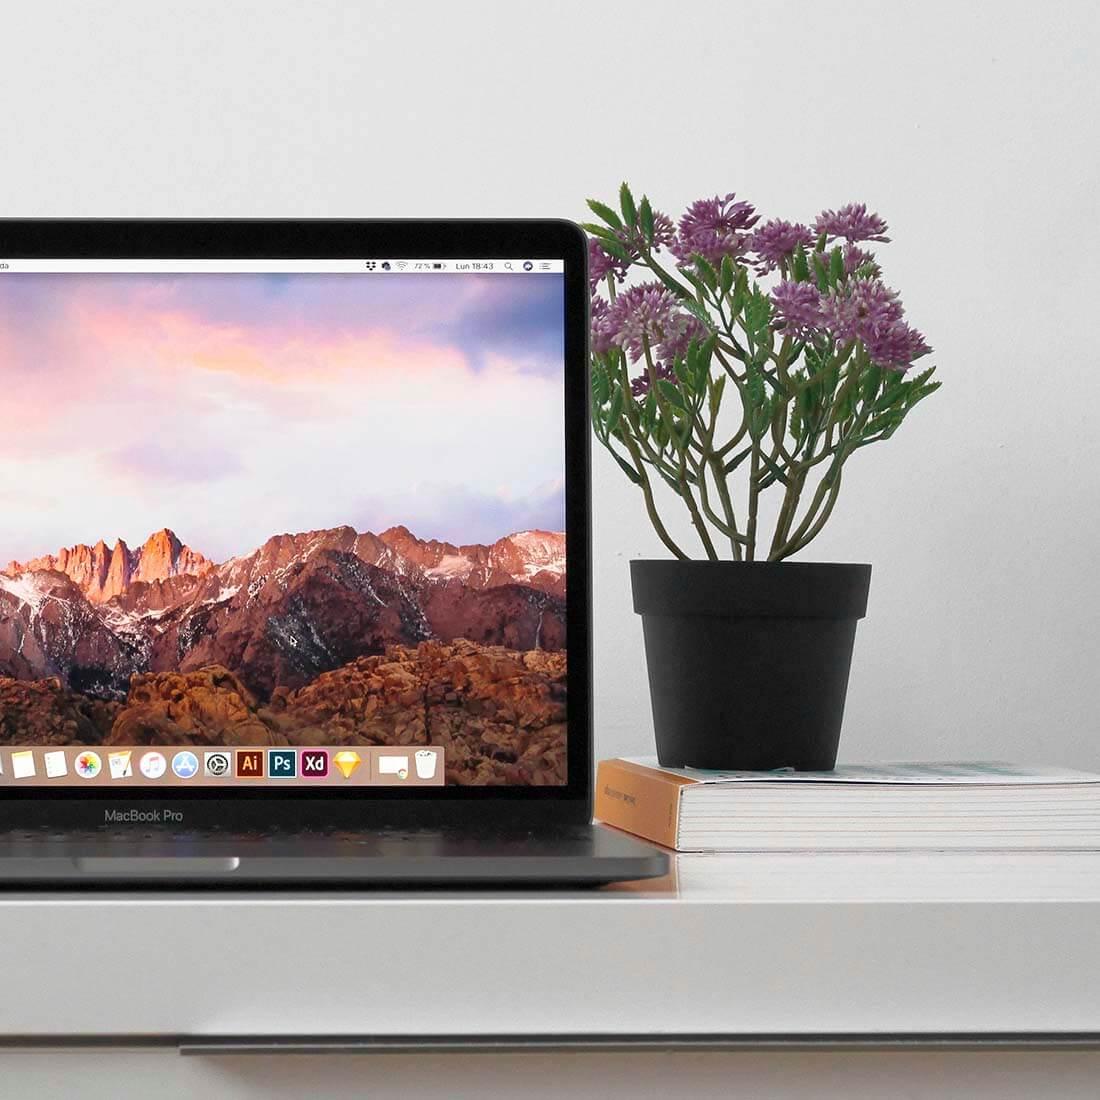 A imagem mostra um computador e um vaso de plantas